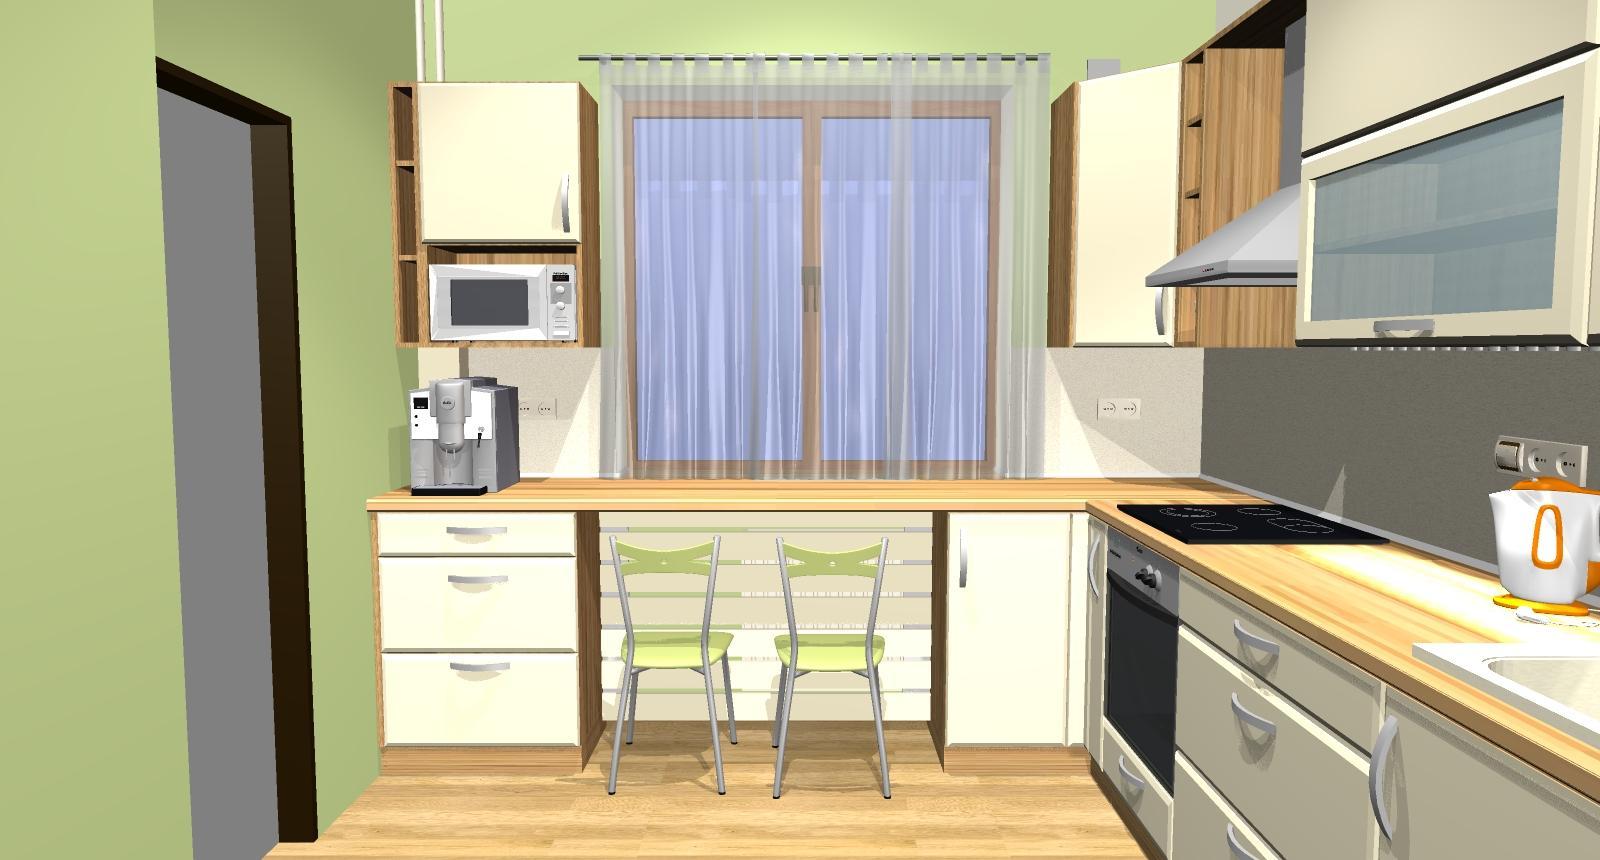 Grafické návrhy kuchynských liniek 2015 - Grafický návrh kuchyne do rodinného domu - obr.2